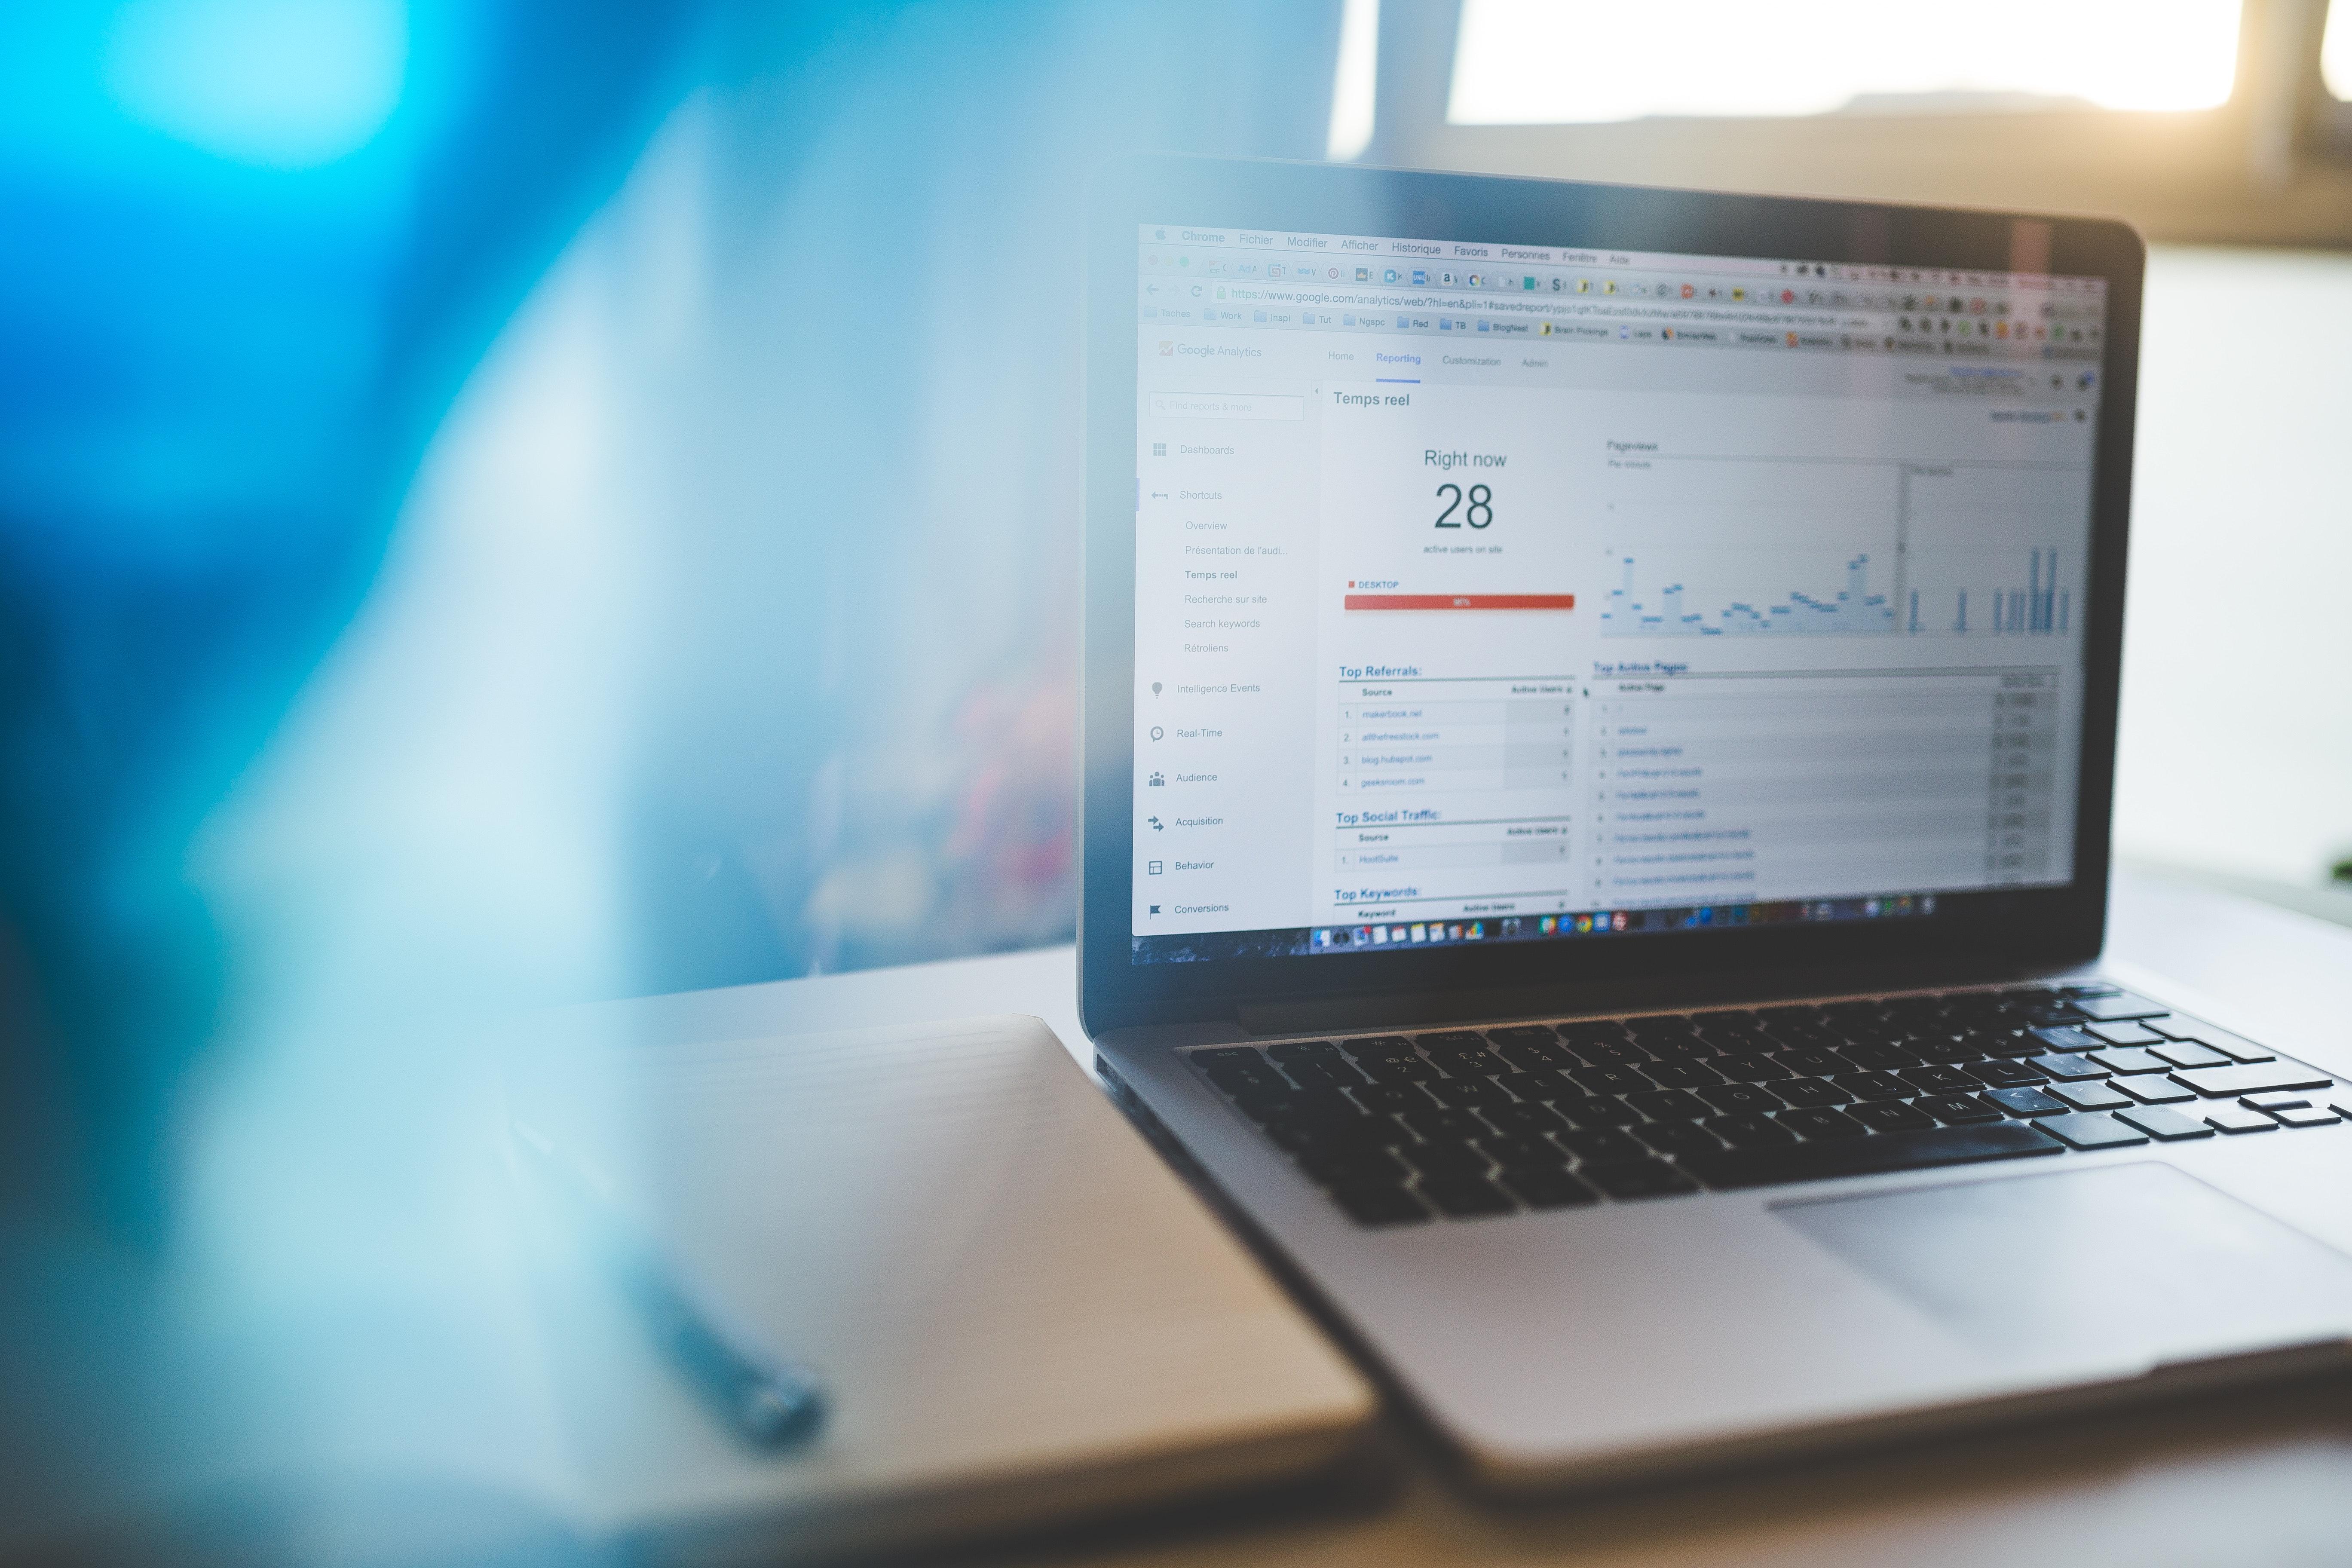 Реклама интернет-магазина, Как привлекать покупателей, клиентов в интернет-магазин - самые эффективные инструменты